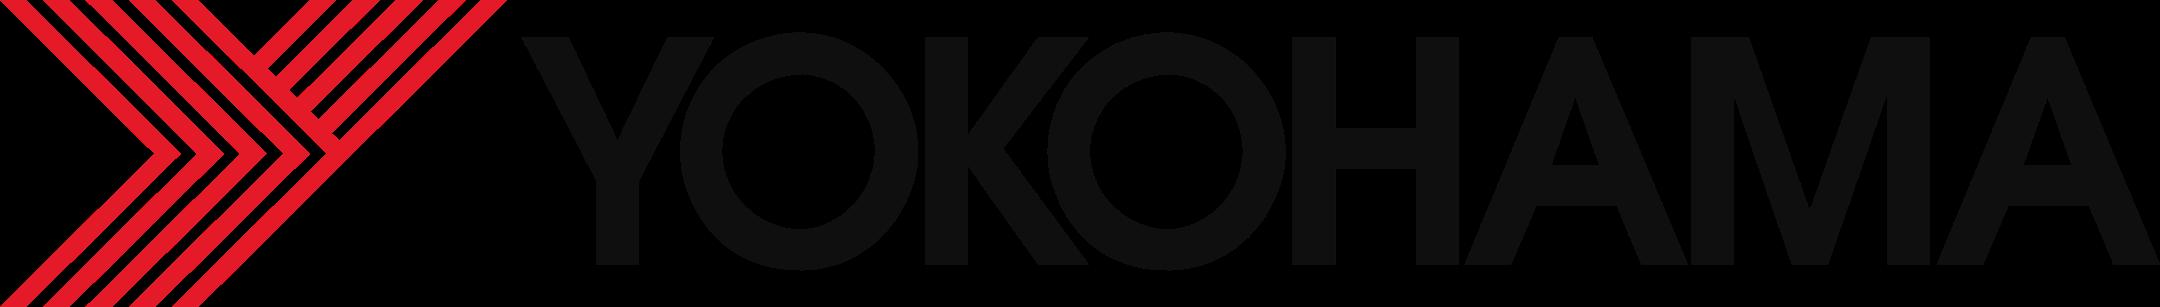 yokohama logo 1 - Yokohama Logo